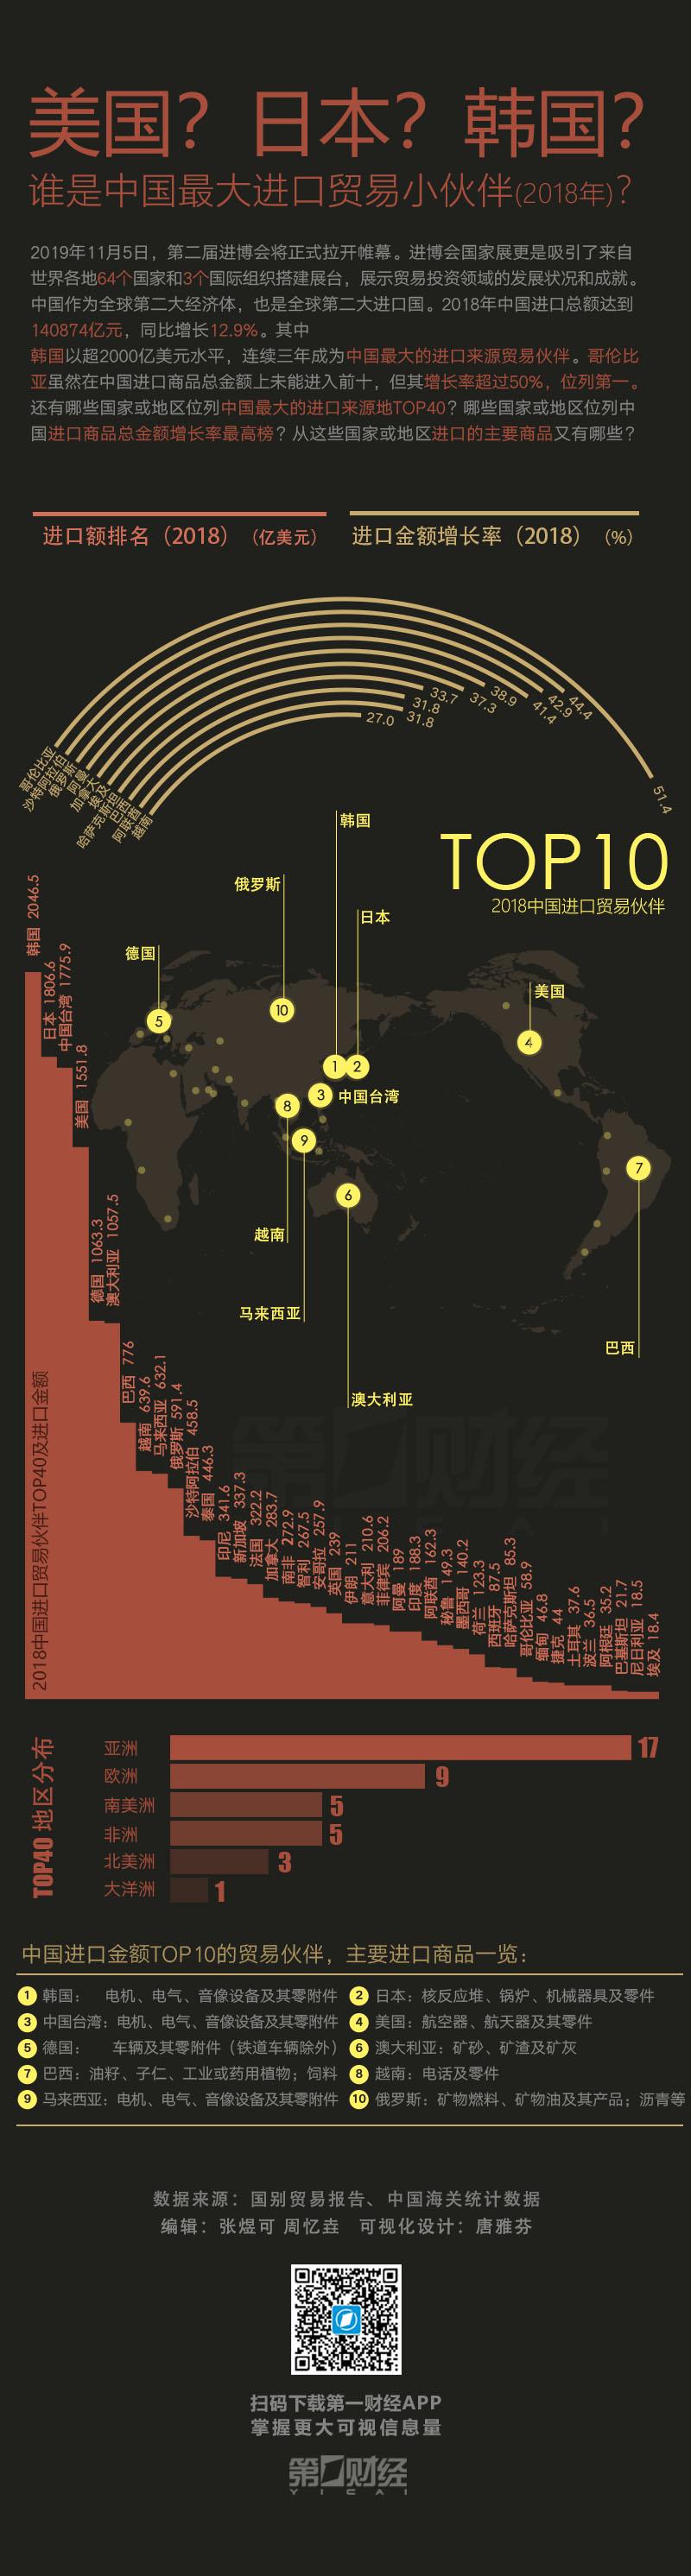 美国?日本?韩国?谁是中国最大进口贸易小伙伴?|一图看懂